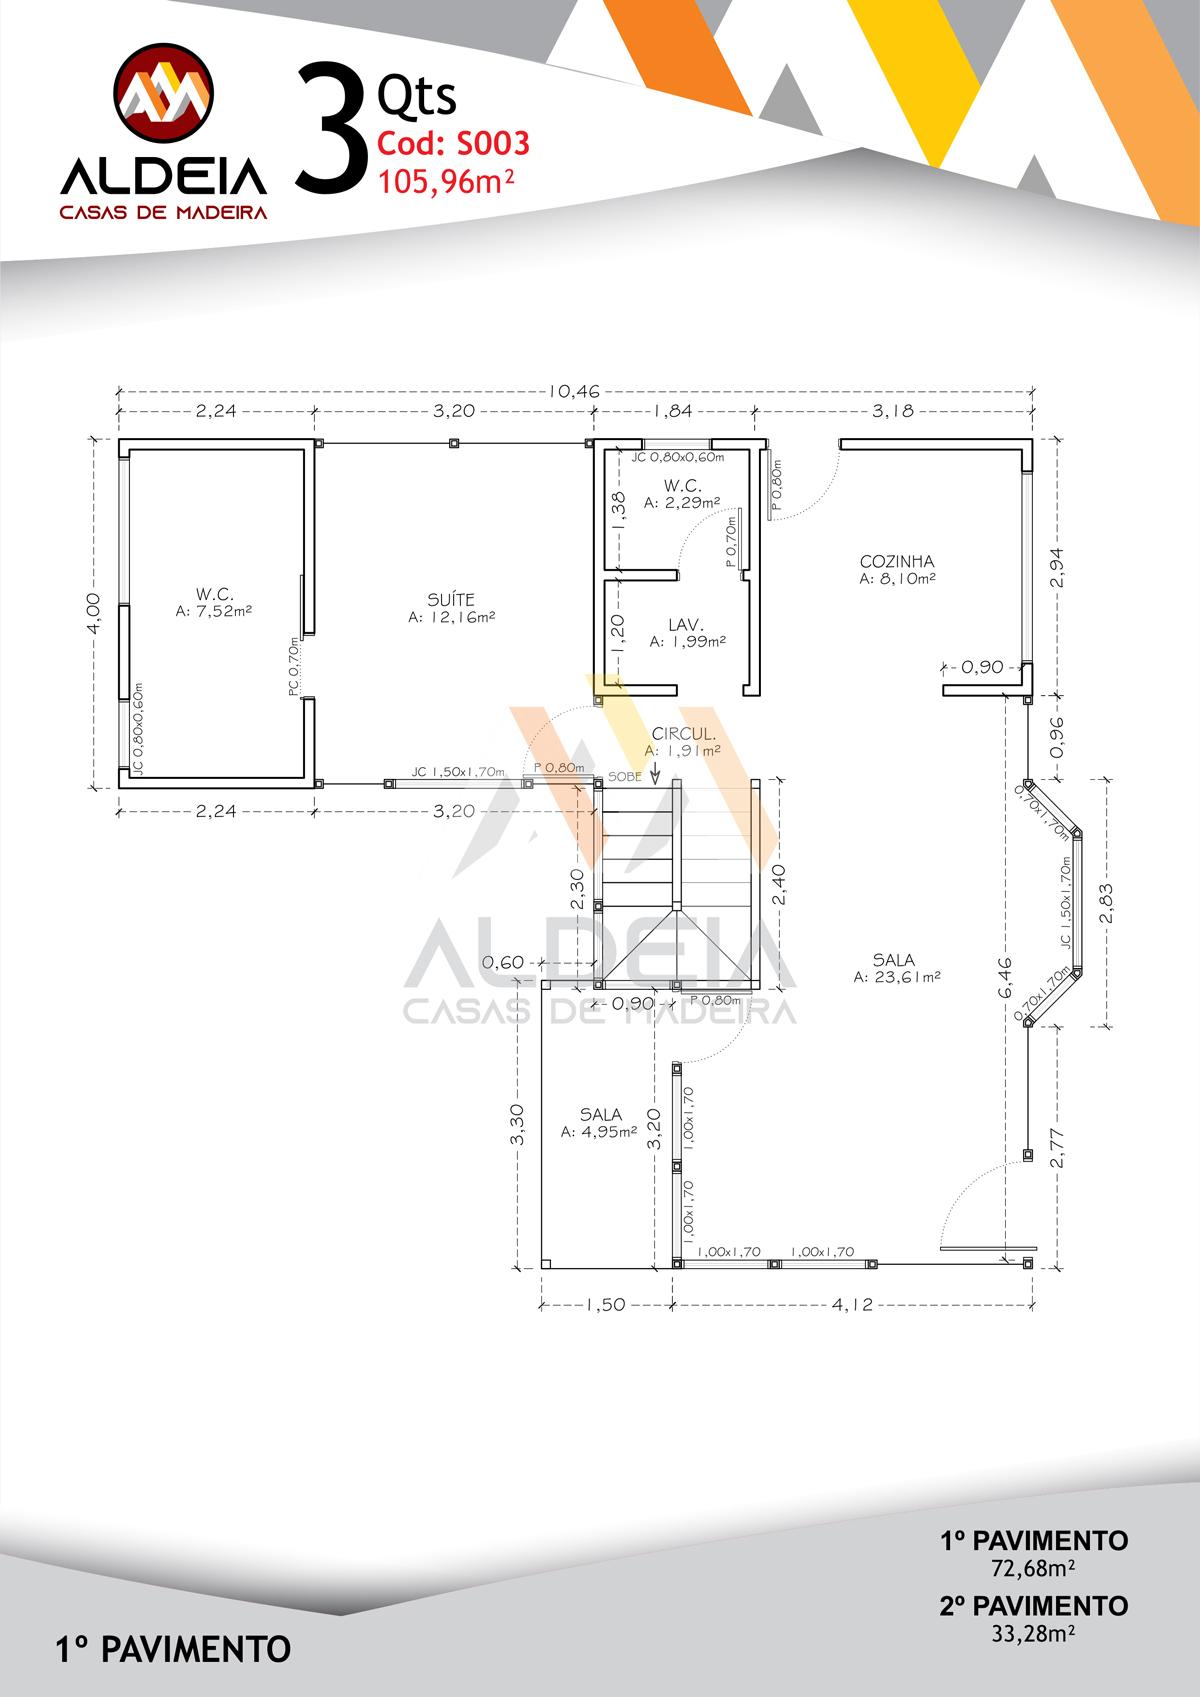 aldeia-casas-madeira-arquitetura-S003-1